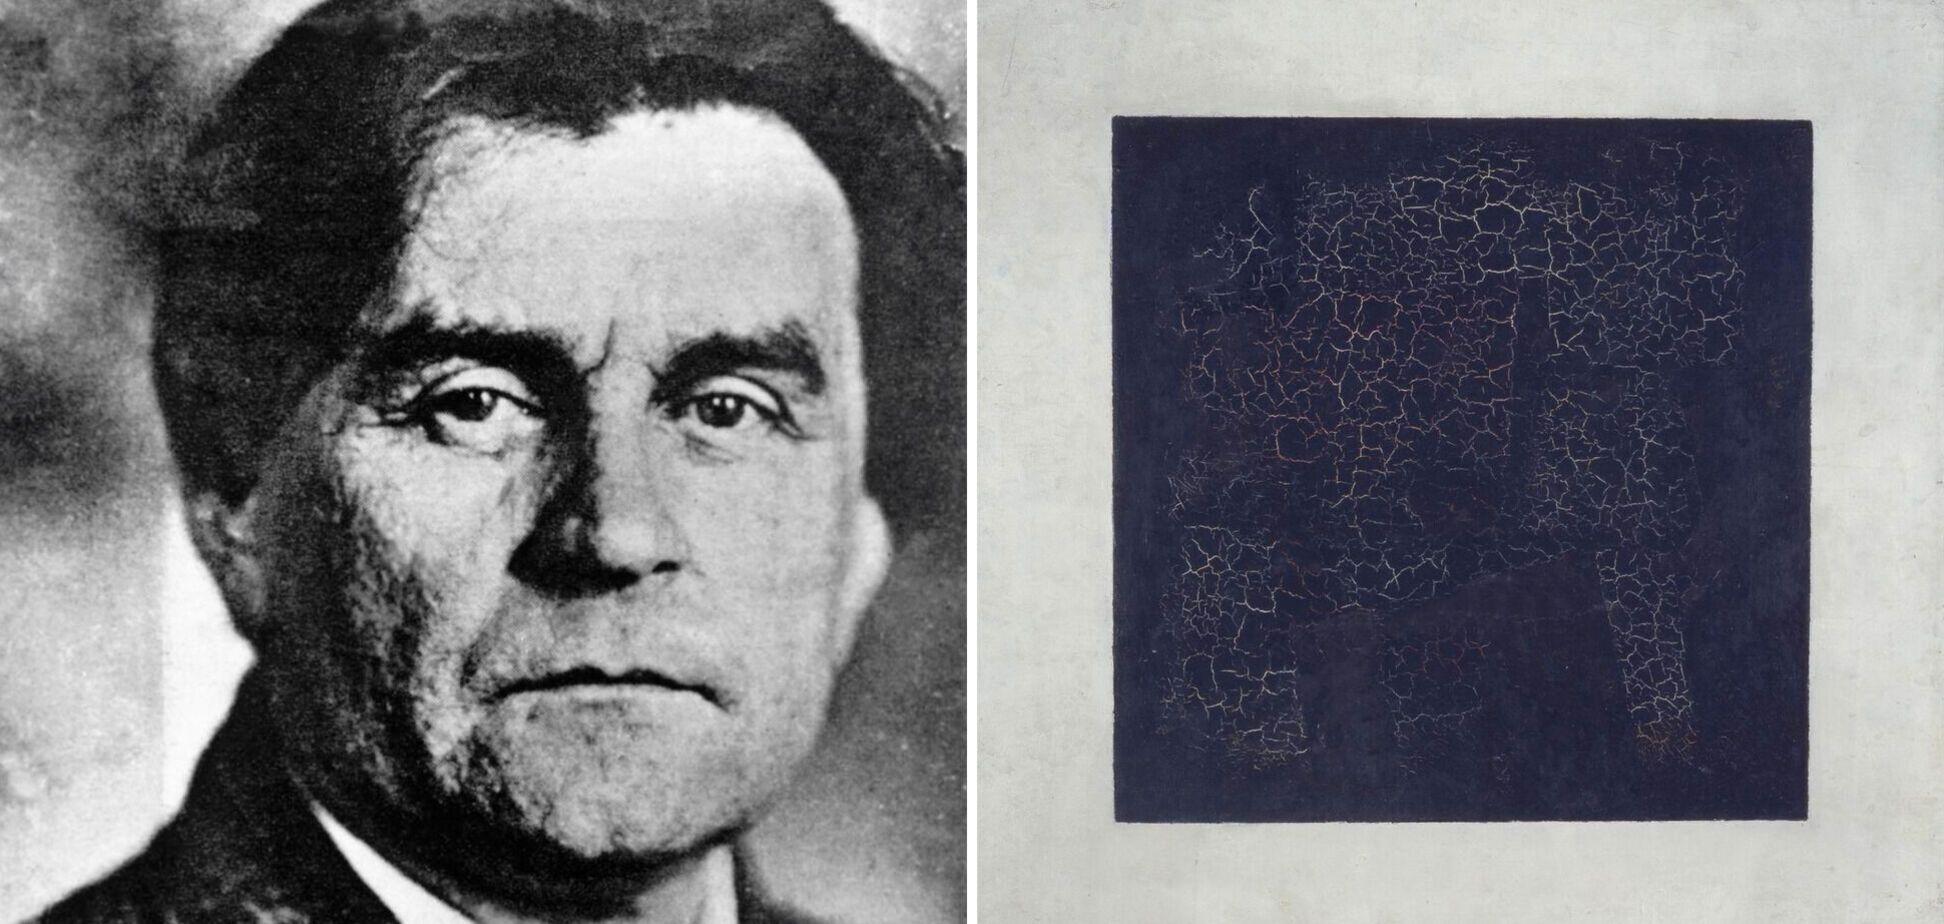 142 роки тому народився Казимир Малевич: 5 цікавих фактів про творця 'Чорного квадрата'